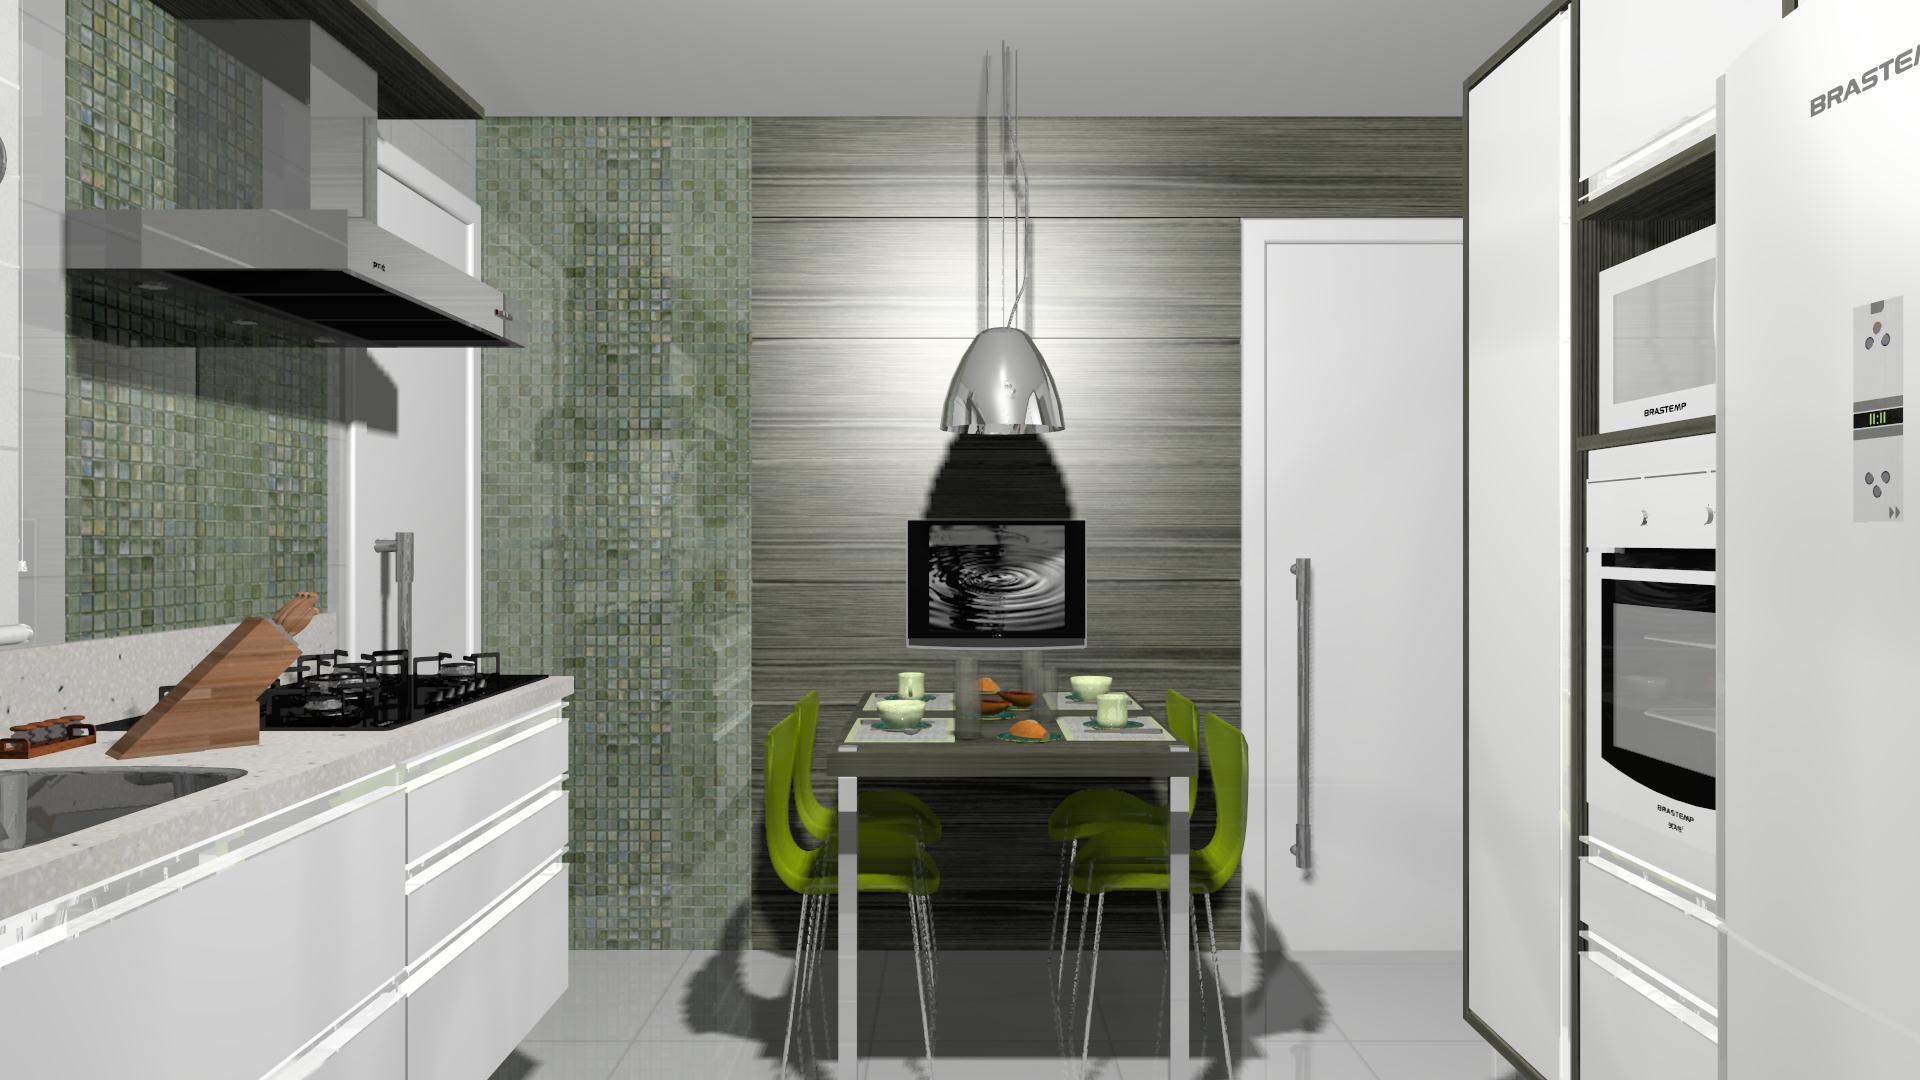 decoracao de interiores cozinha moderna:Projeto – Cozinha Prática